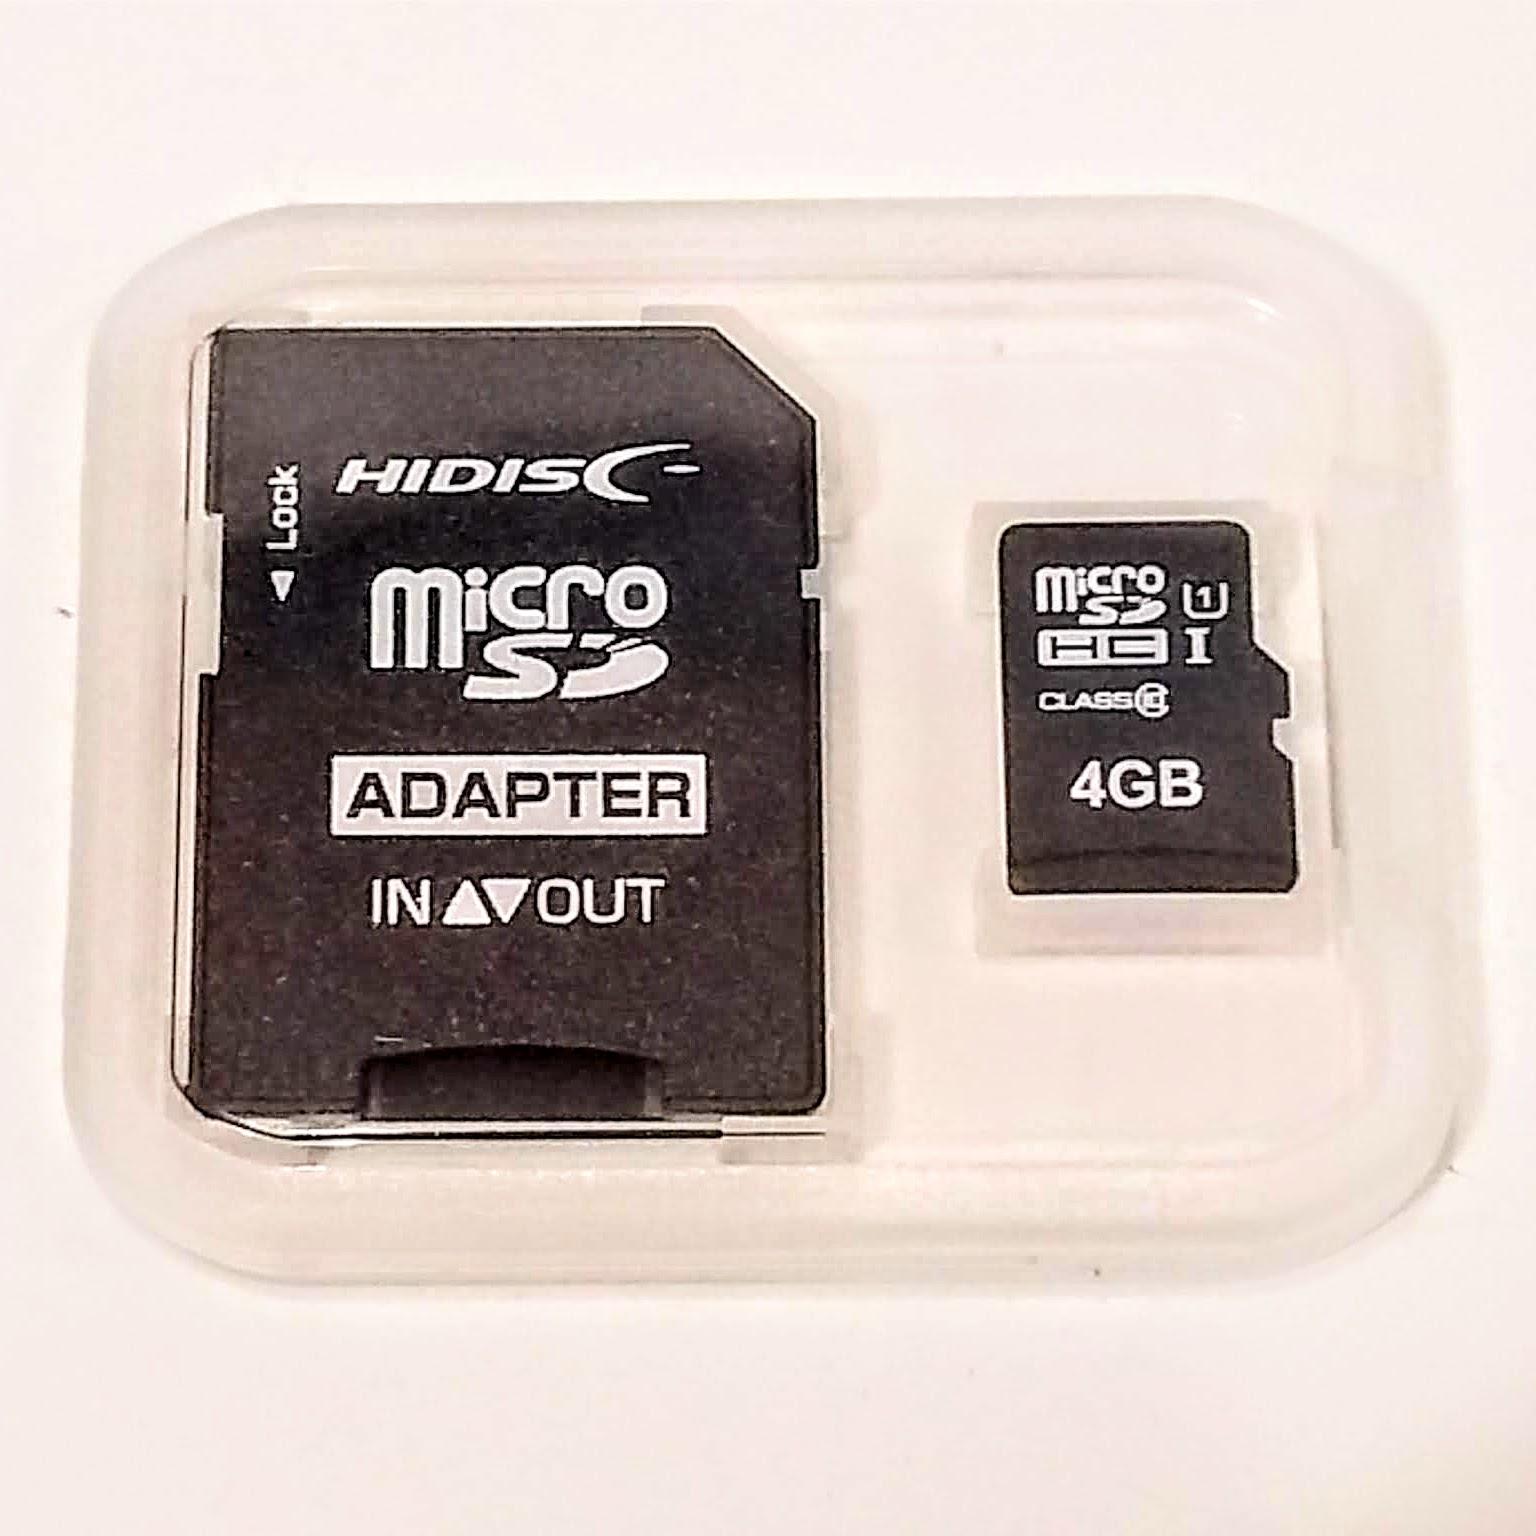 予備におひとつ microSDHCカード 4GB ケース付 送料94円 新品未使用正規品 時間指定不可 SDカード変換アダプター